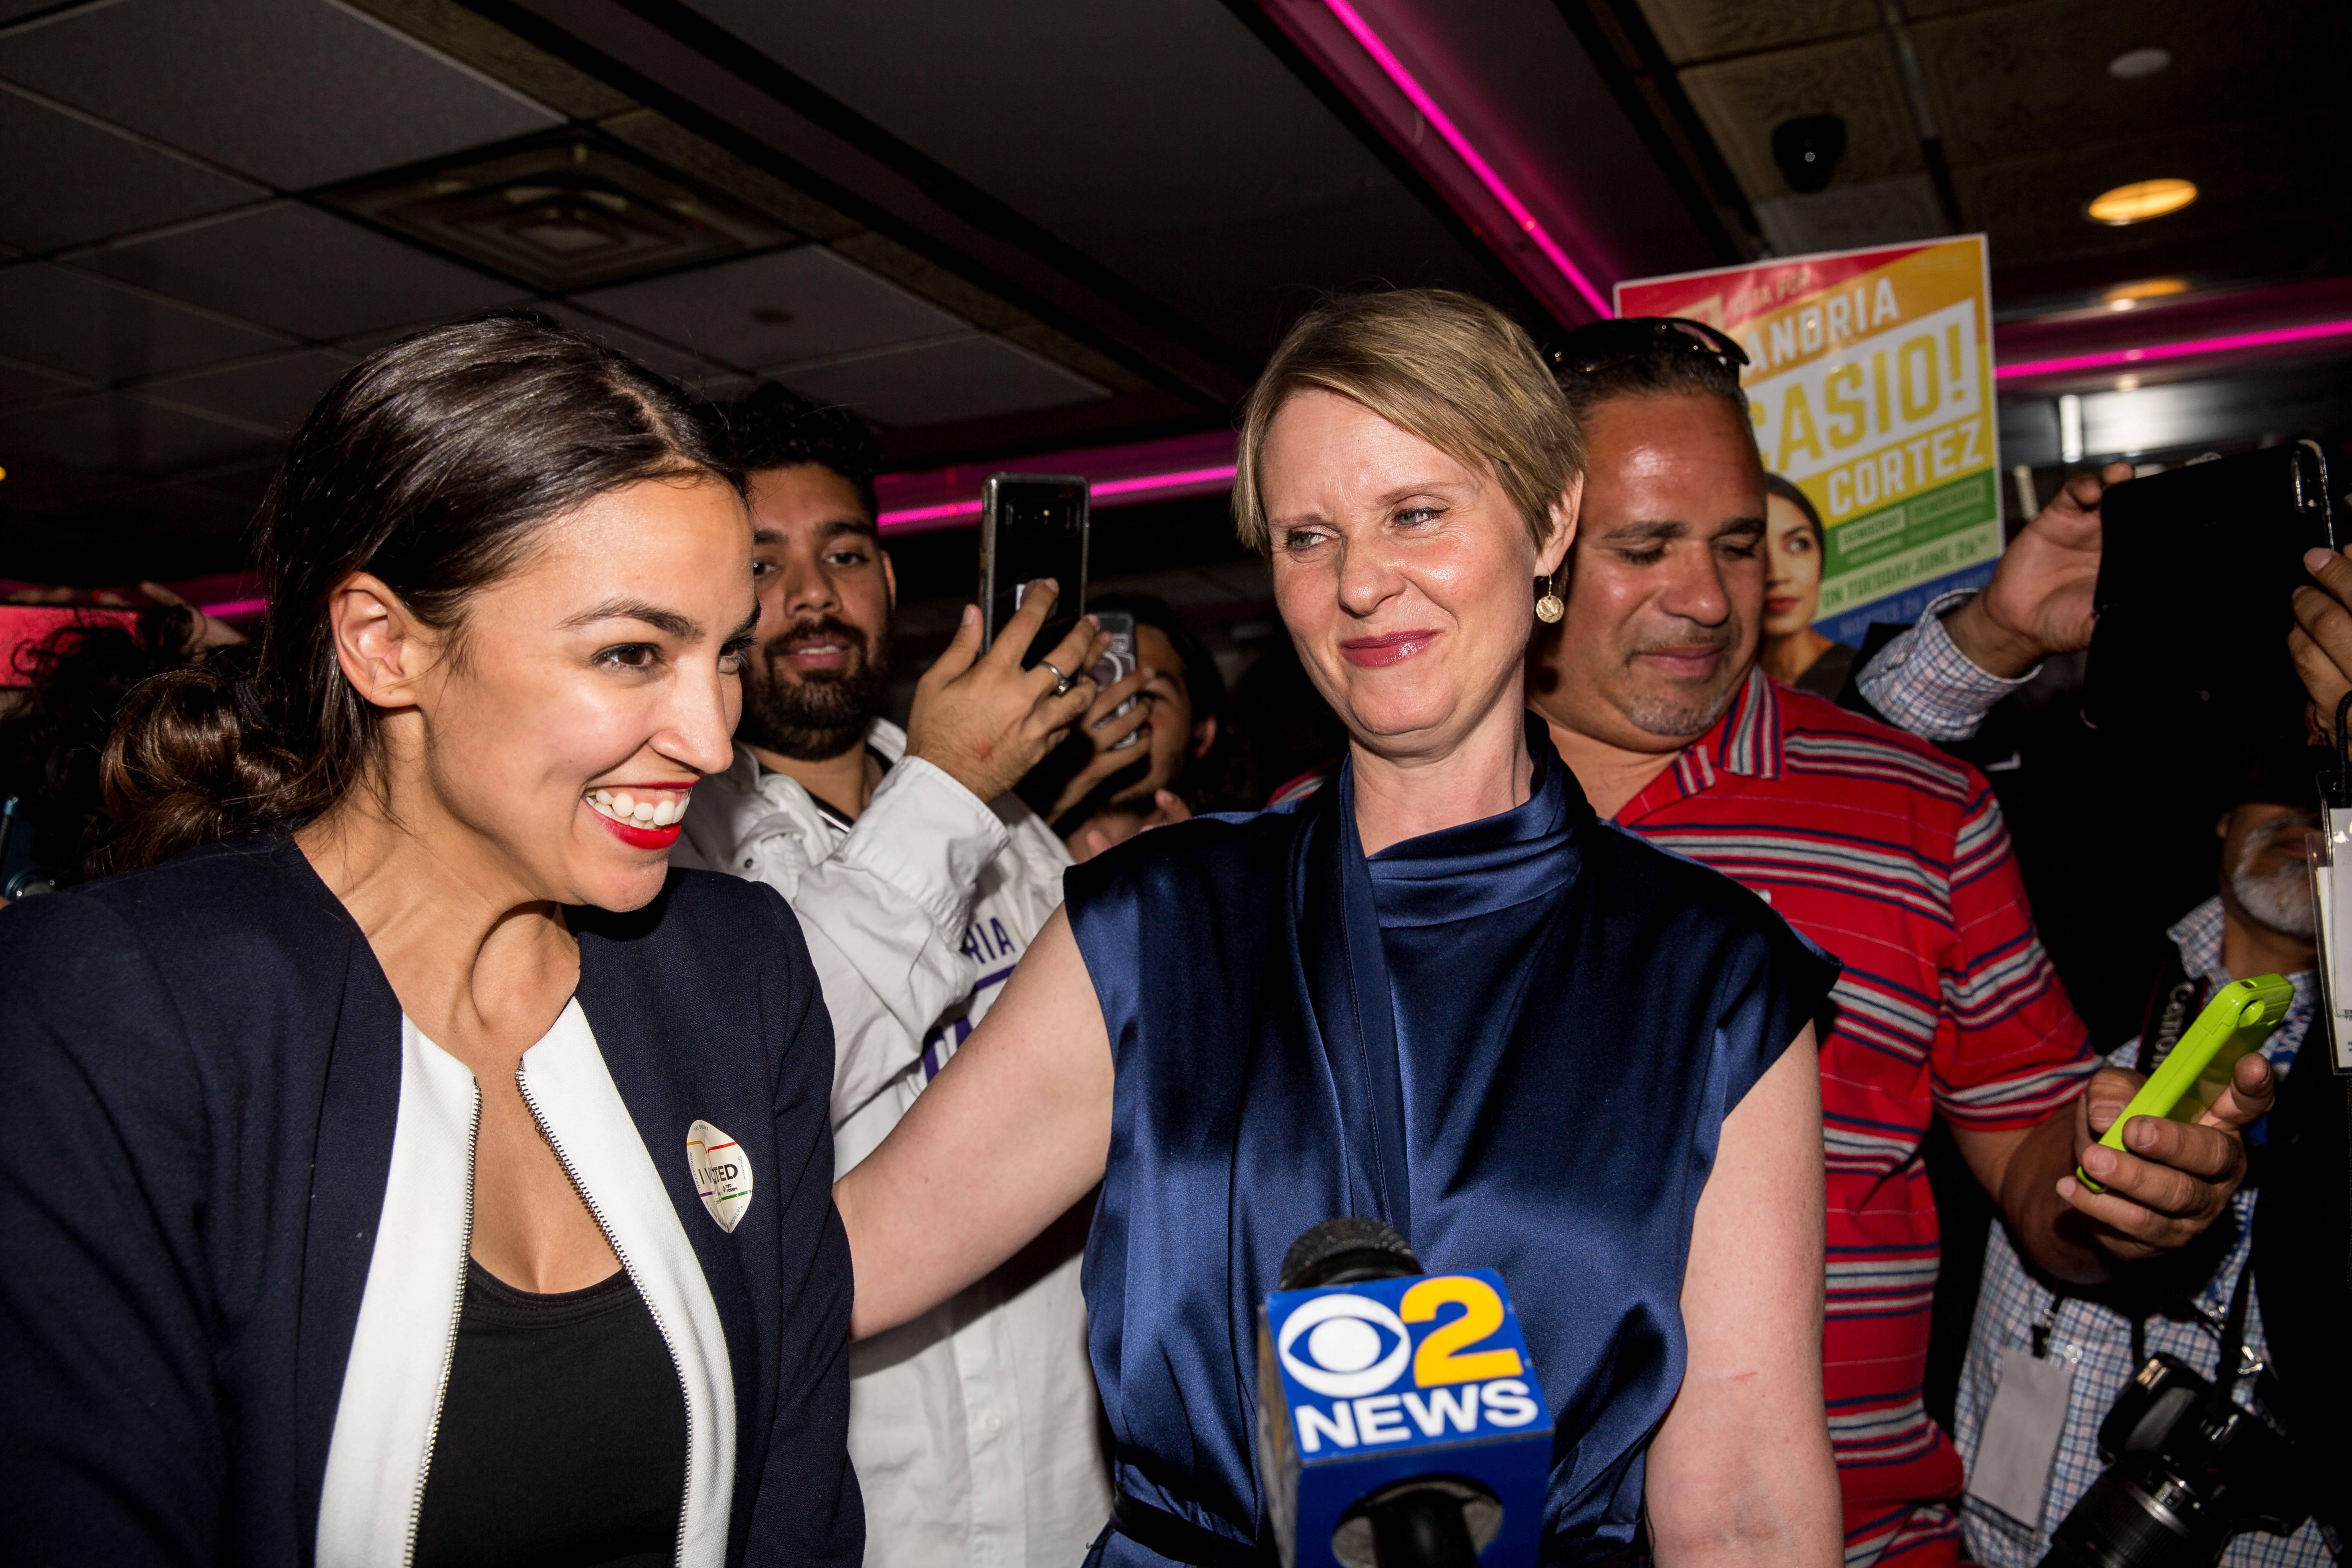 Alexandria Ocasio-Cortez Upsets  Rep. Joseph Crowley In NY Primary